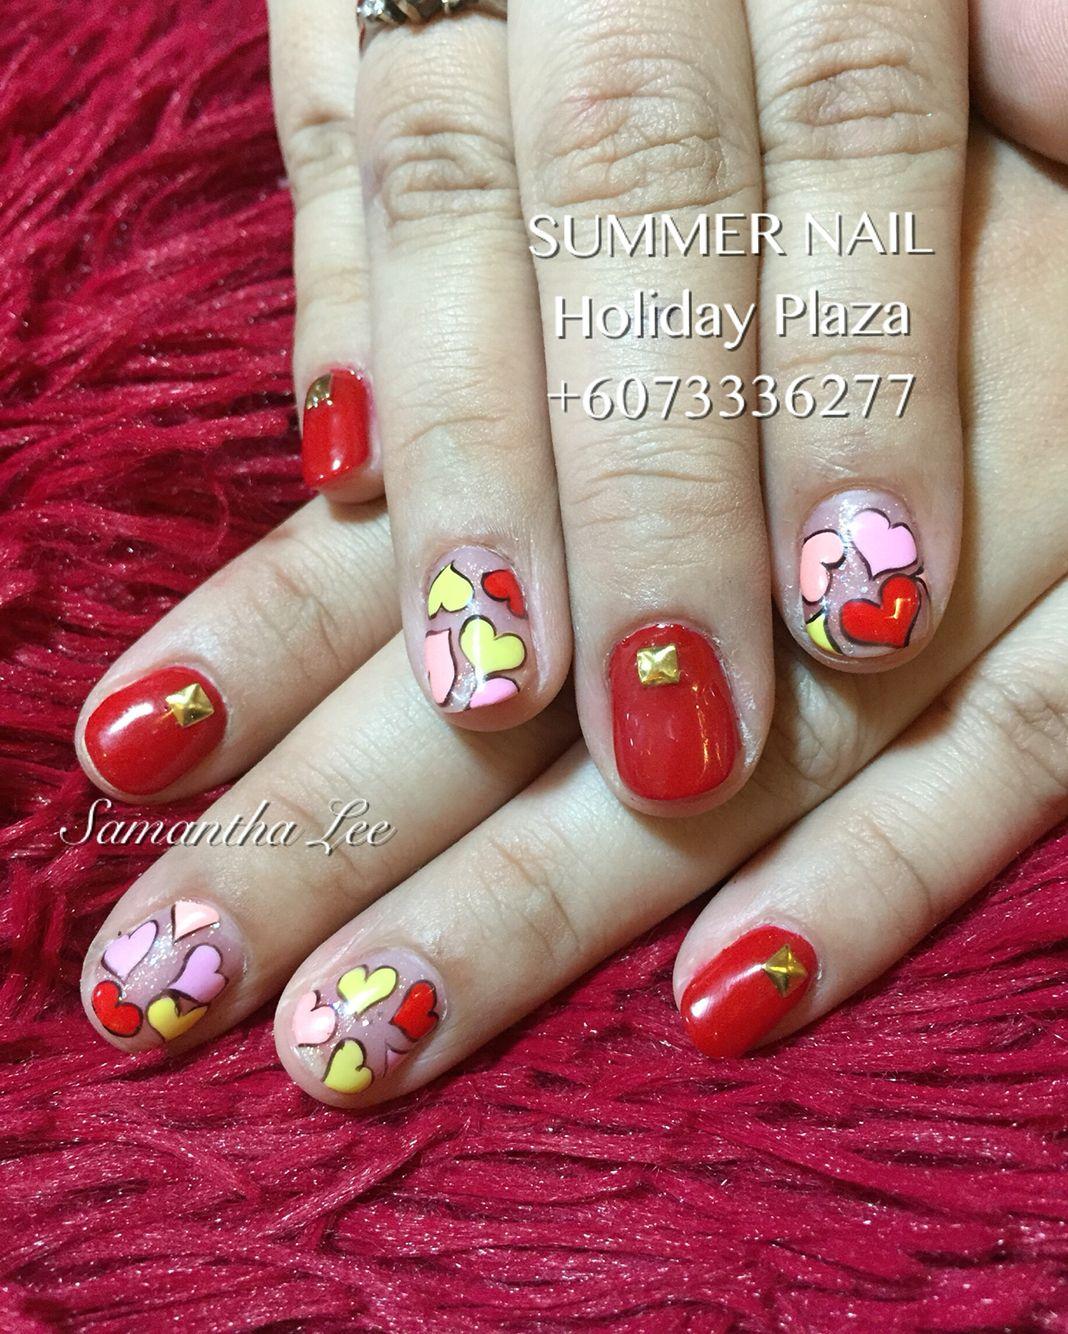 Summer Nail Summer Nails Nails Holiday Nails